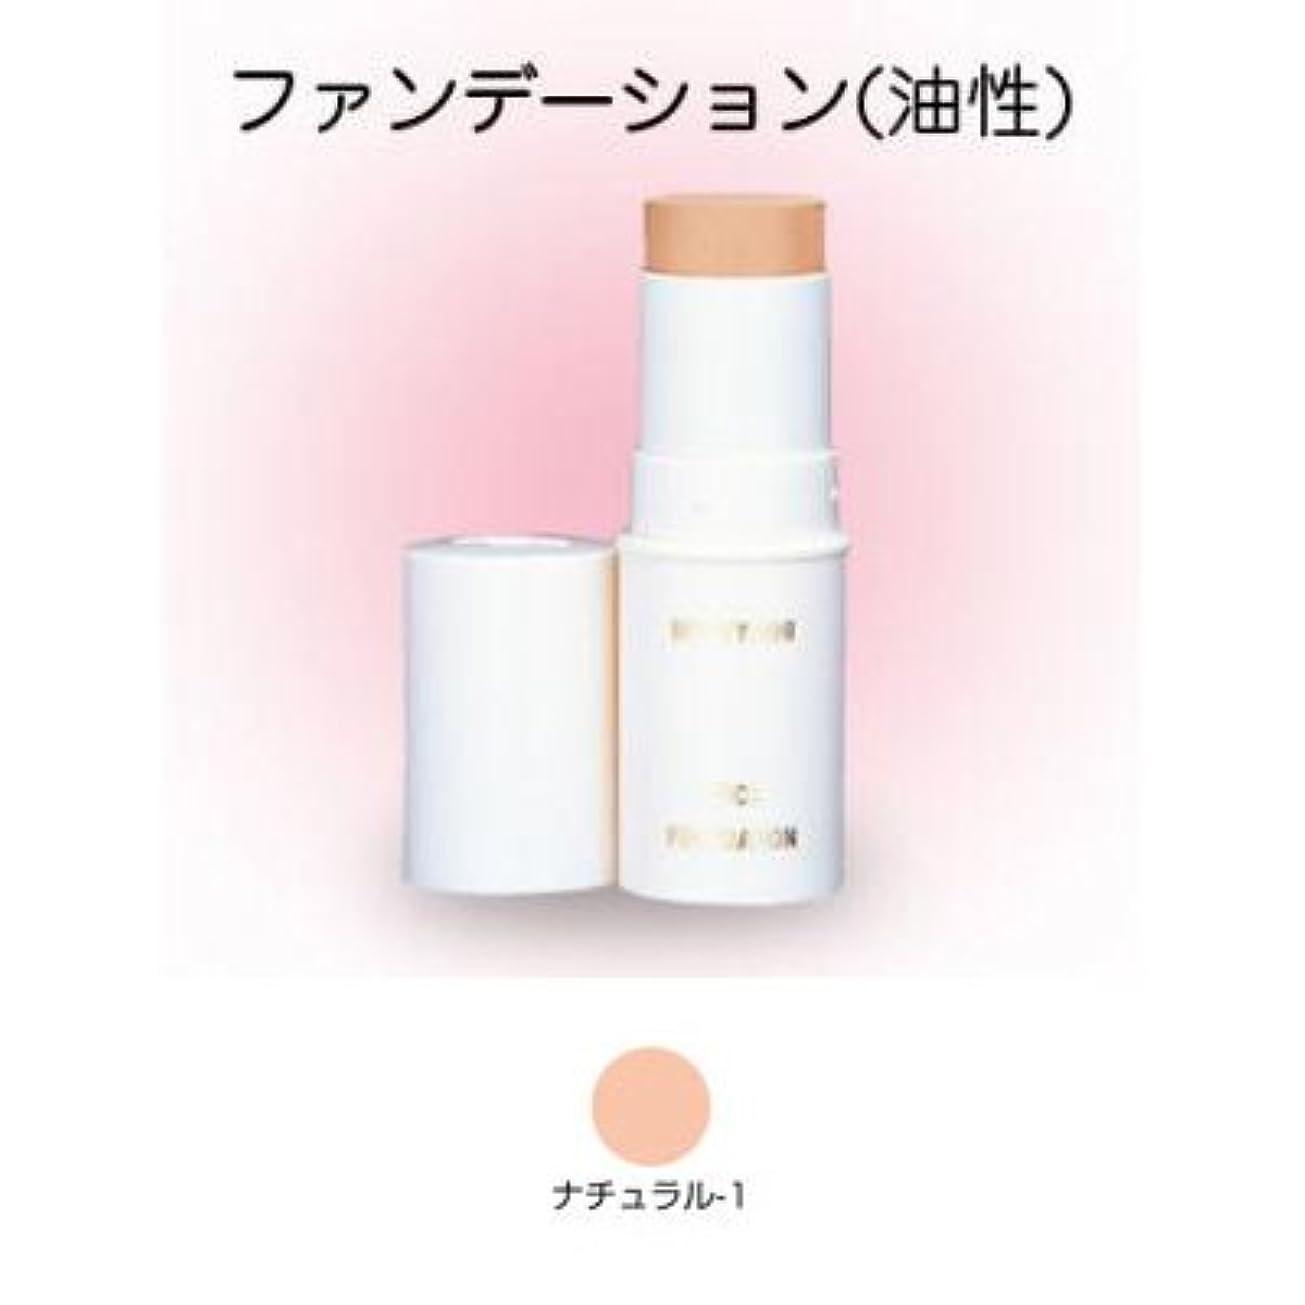 寄付リード生活スティックファンデーション 16g ナチュラル-1 【三善】